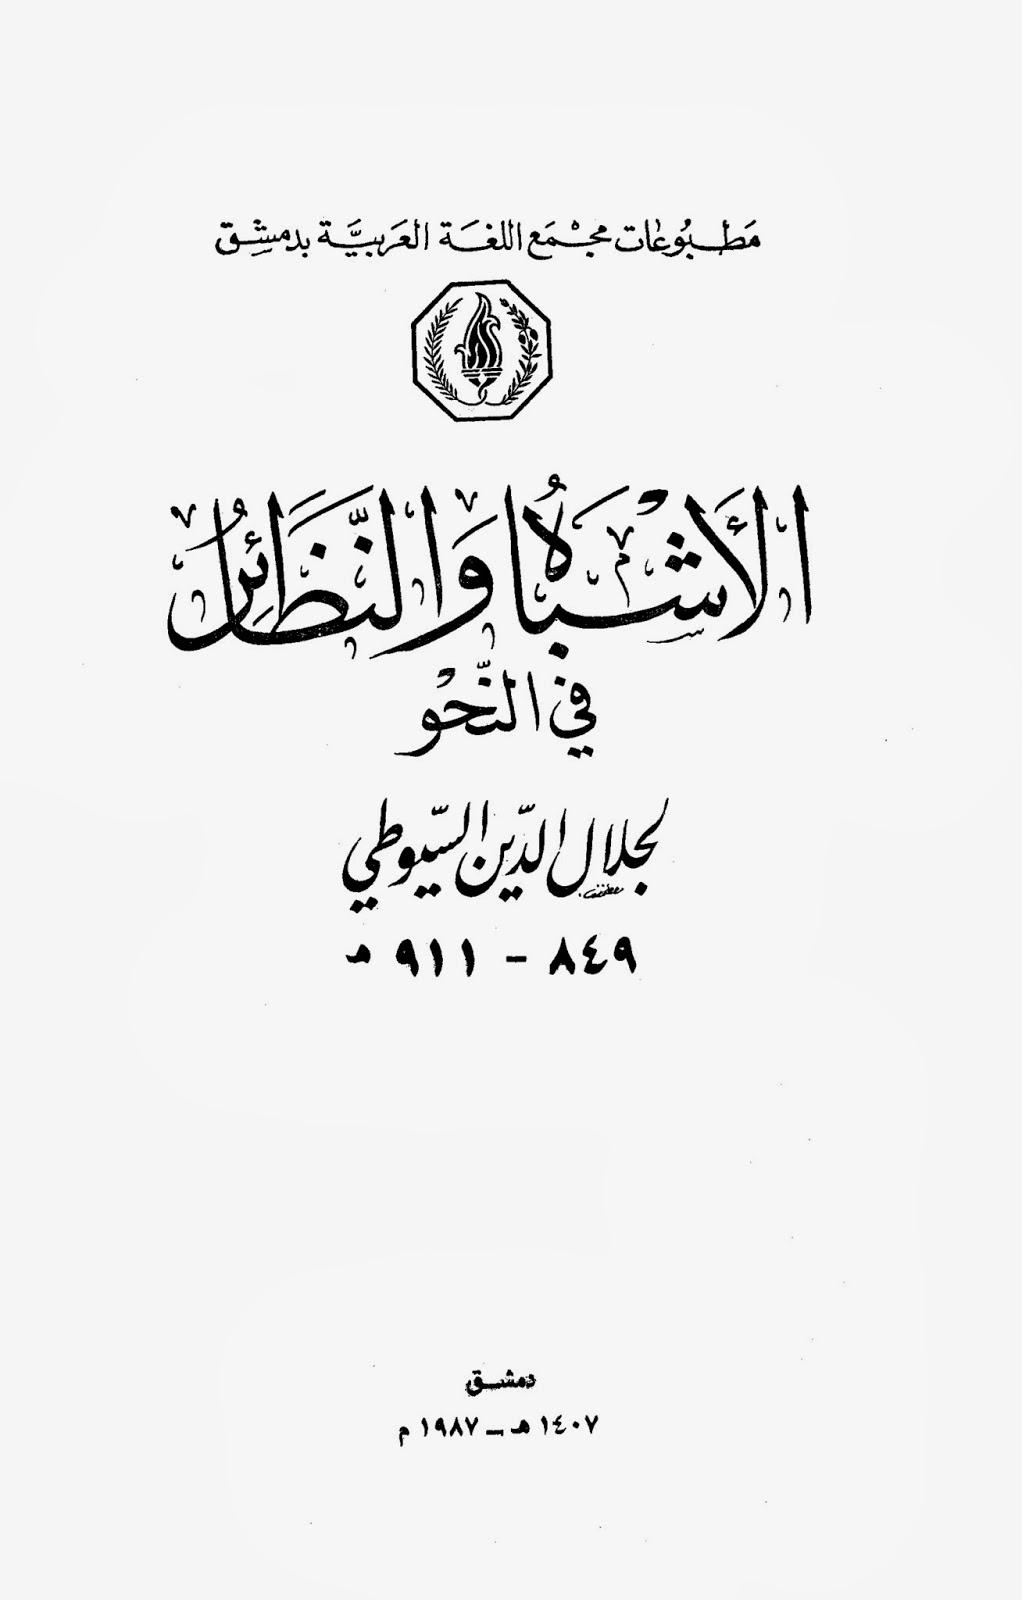 الأشباه والنظائر في النحو للسيوطي - ط. مجمع اللغة العربية pdf